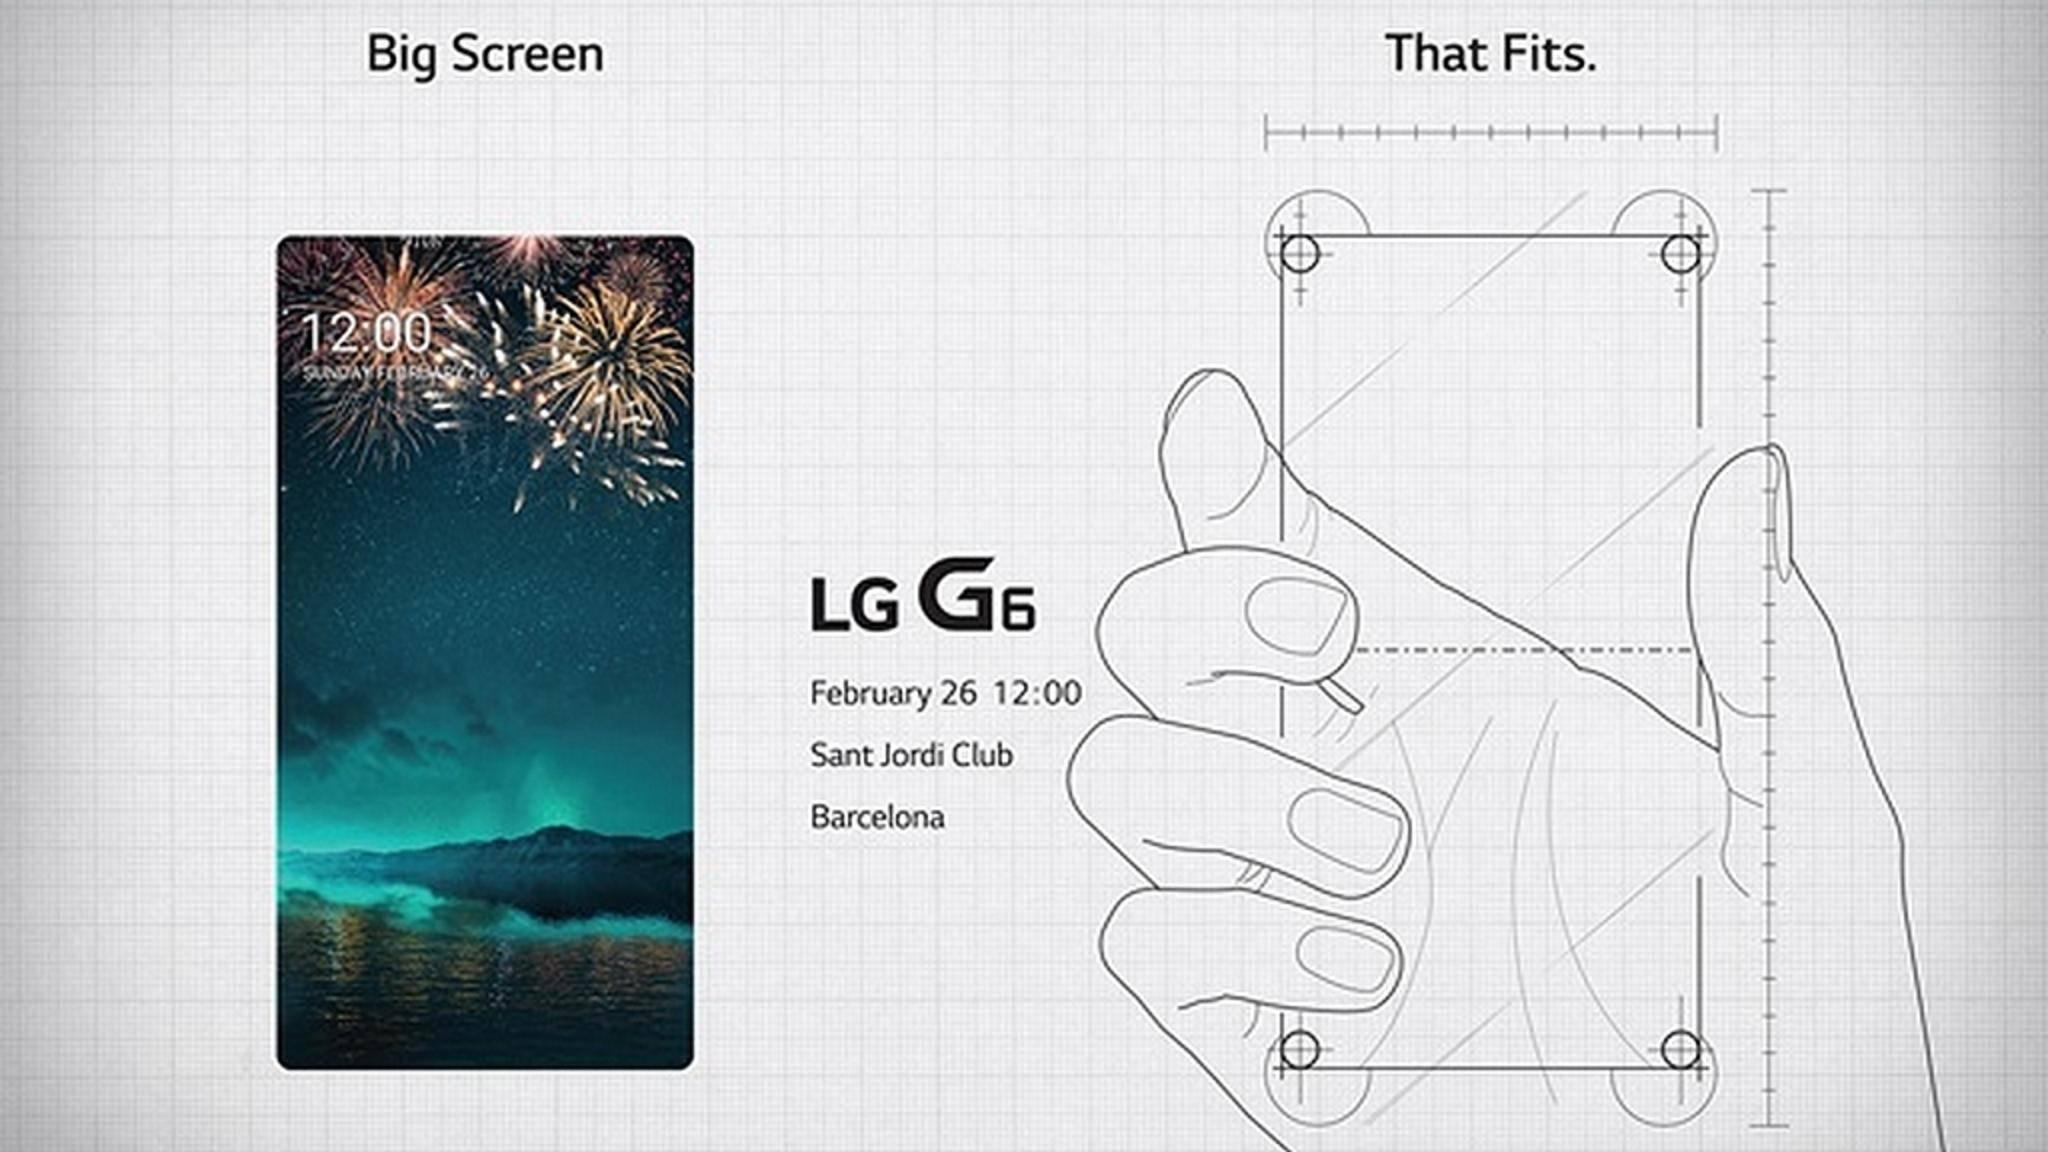 Nicht nur groß, sondern auch randlos: Der Screen des LG G6.